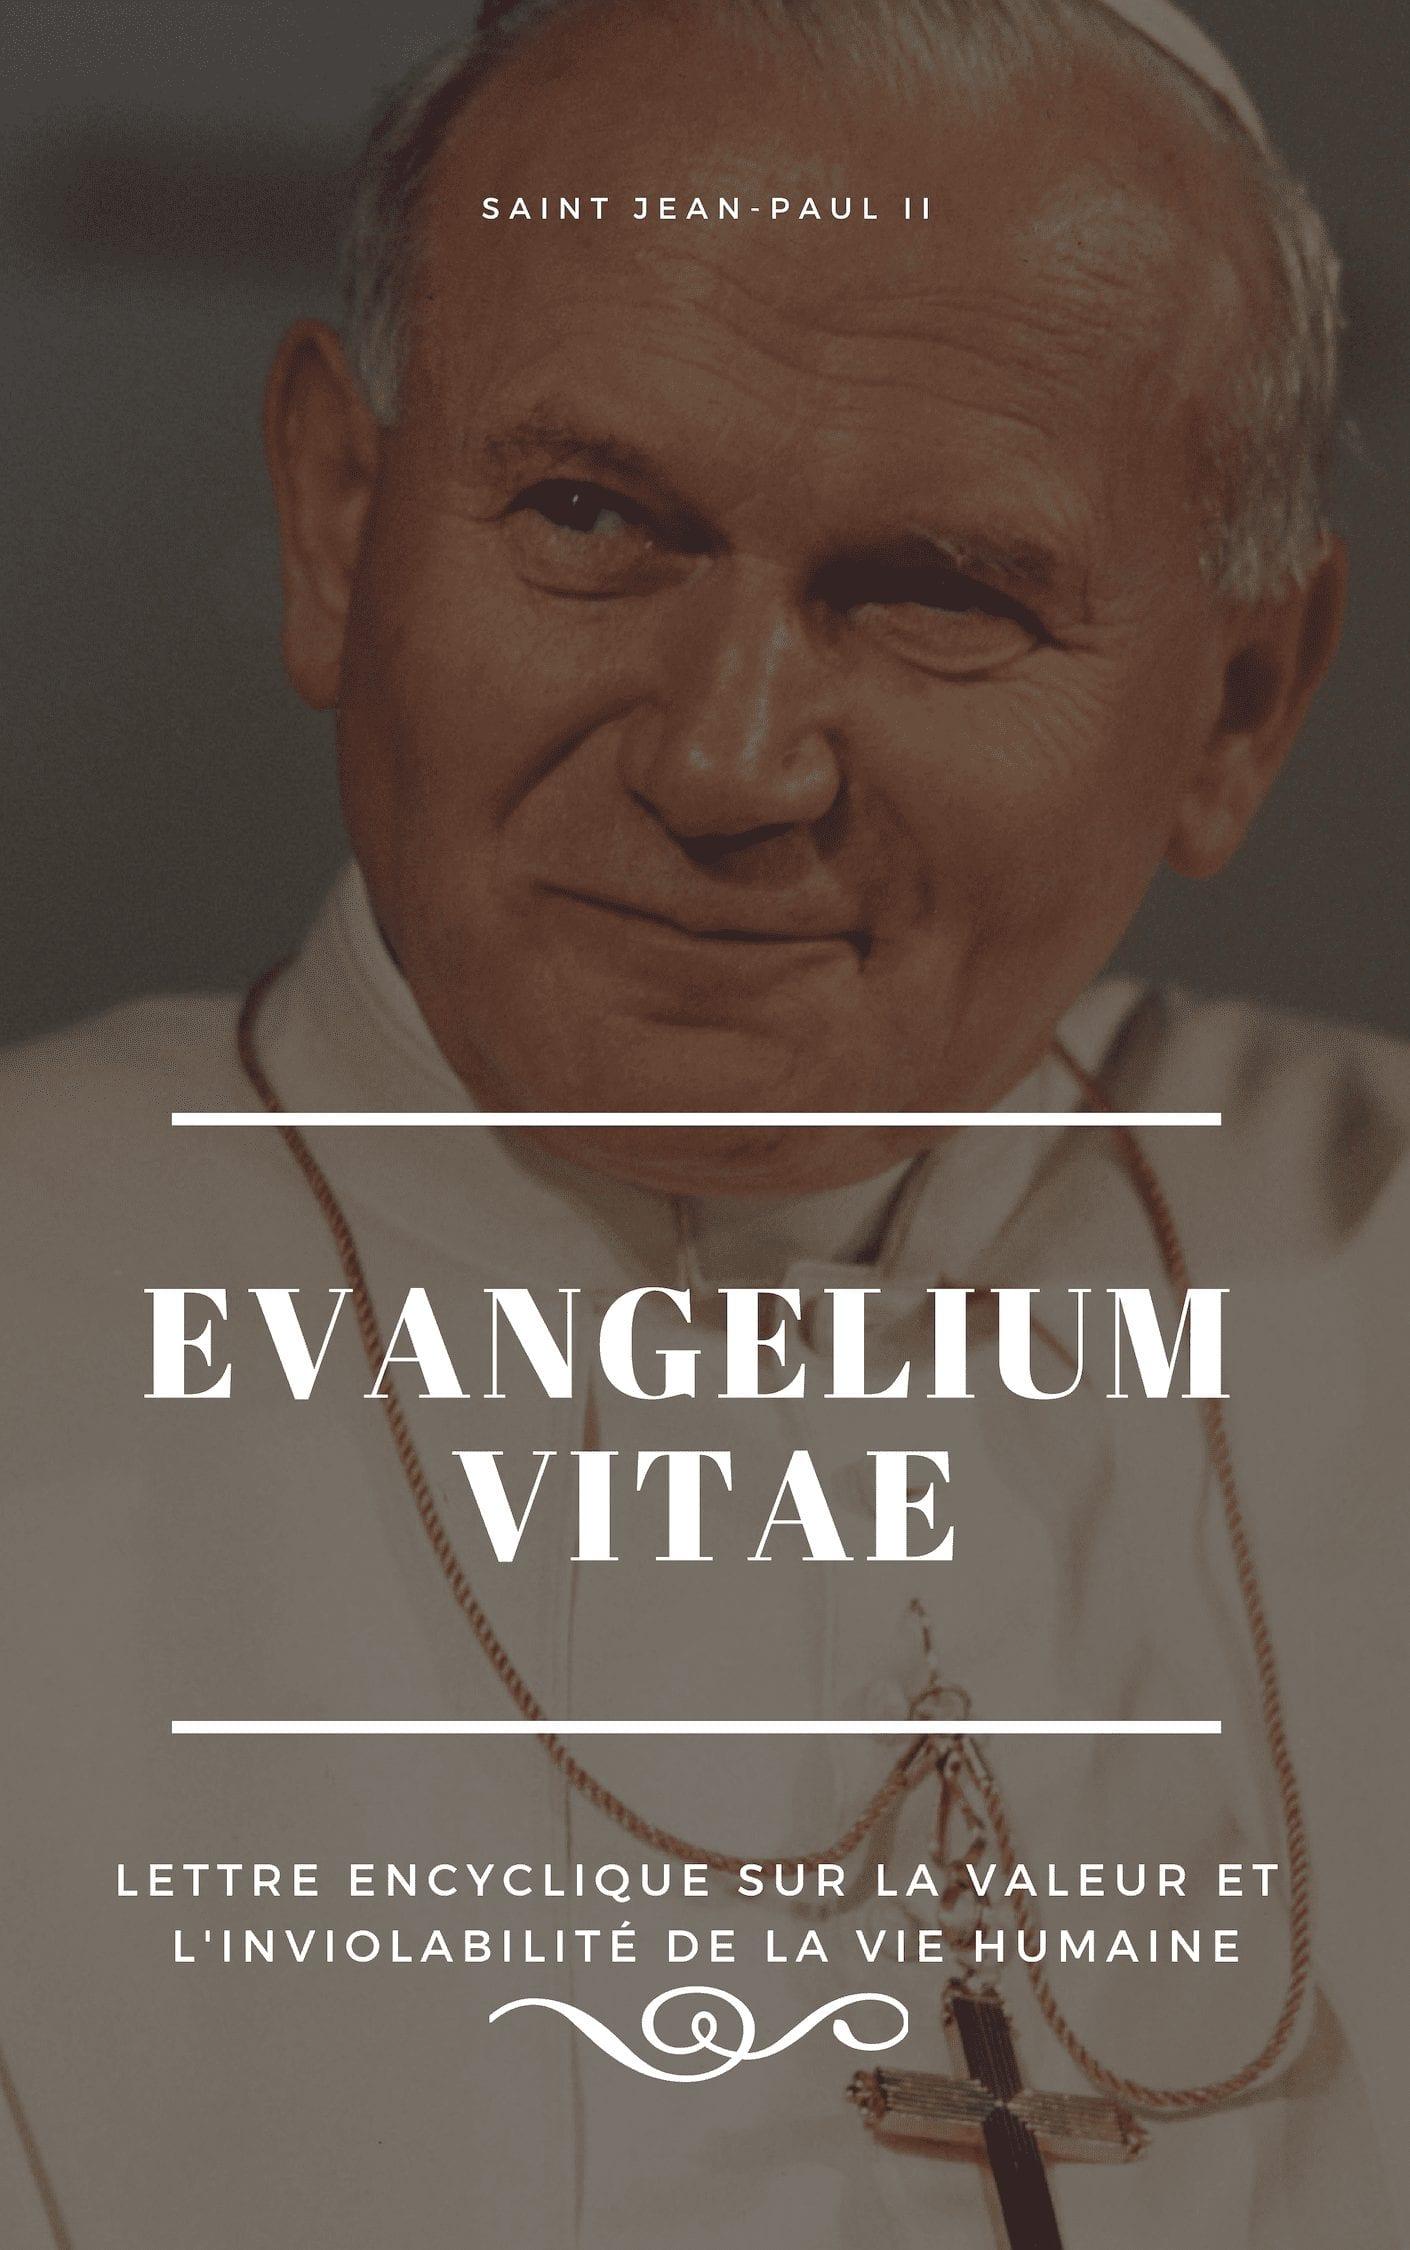 Téléchargez Evangelium Vitae en format numérique!